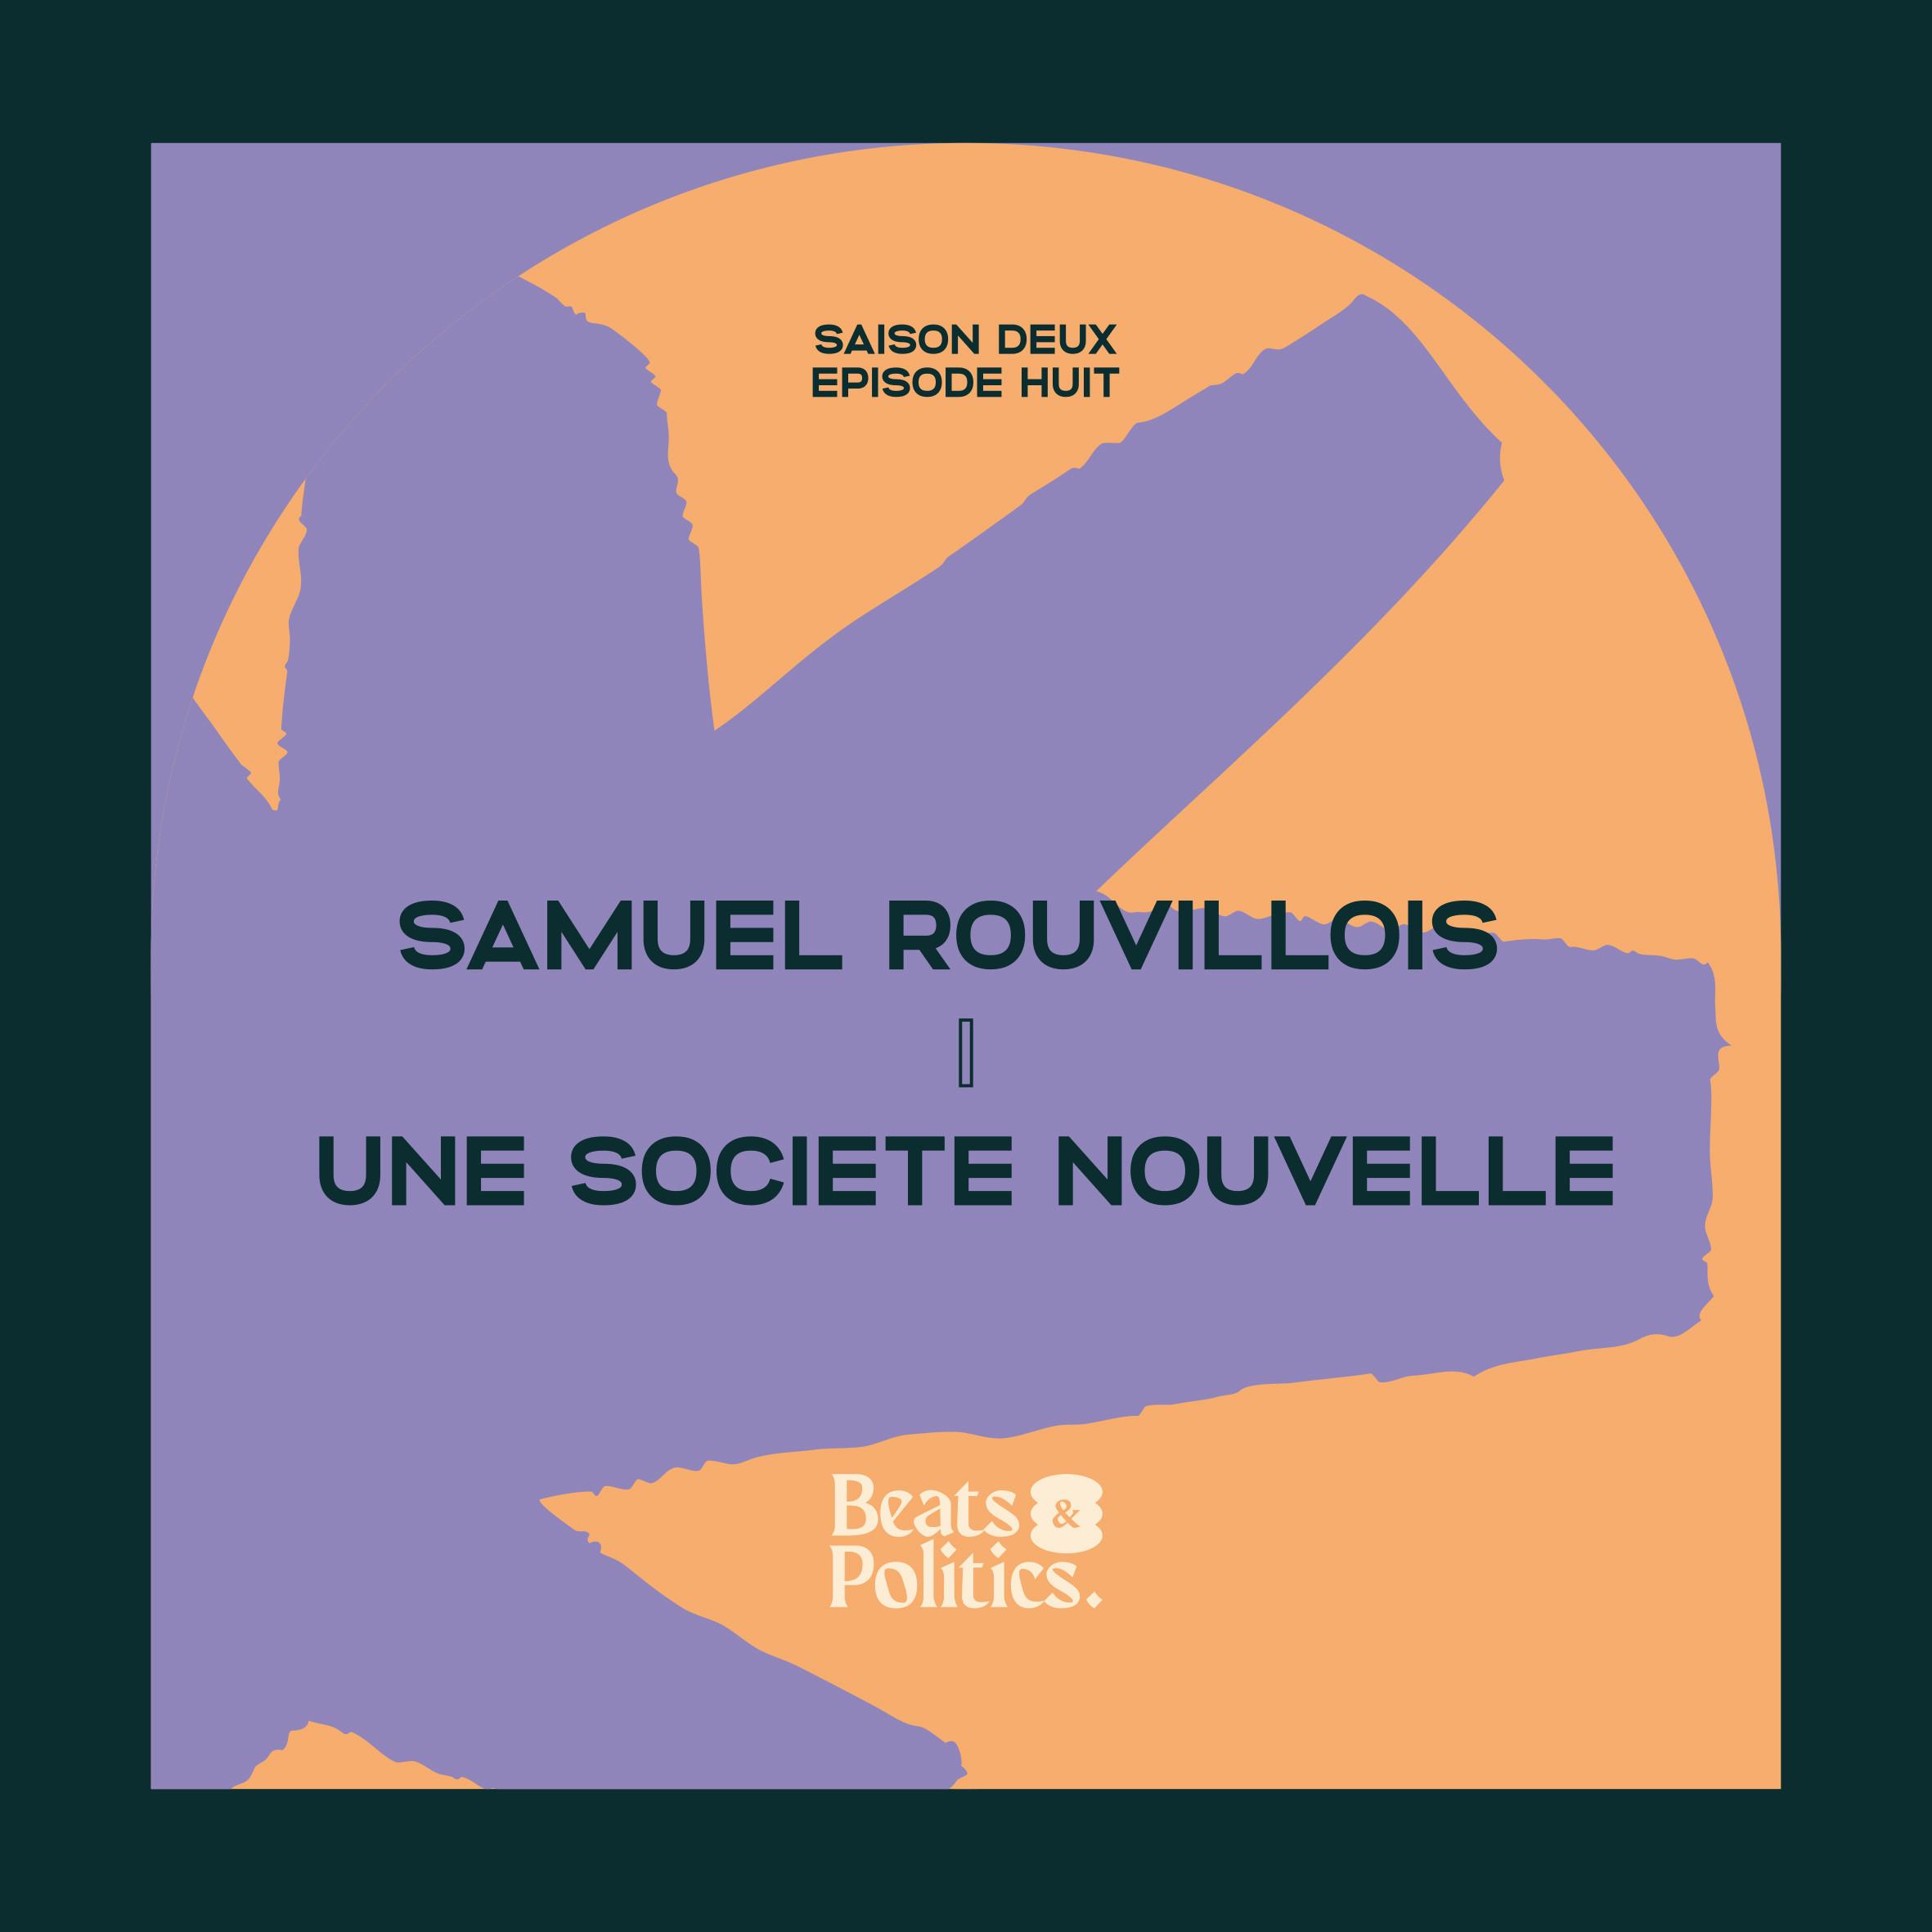 Samuel Rouvillois : une société nouvelle